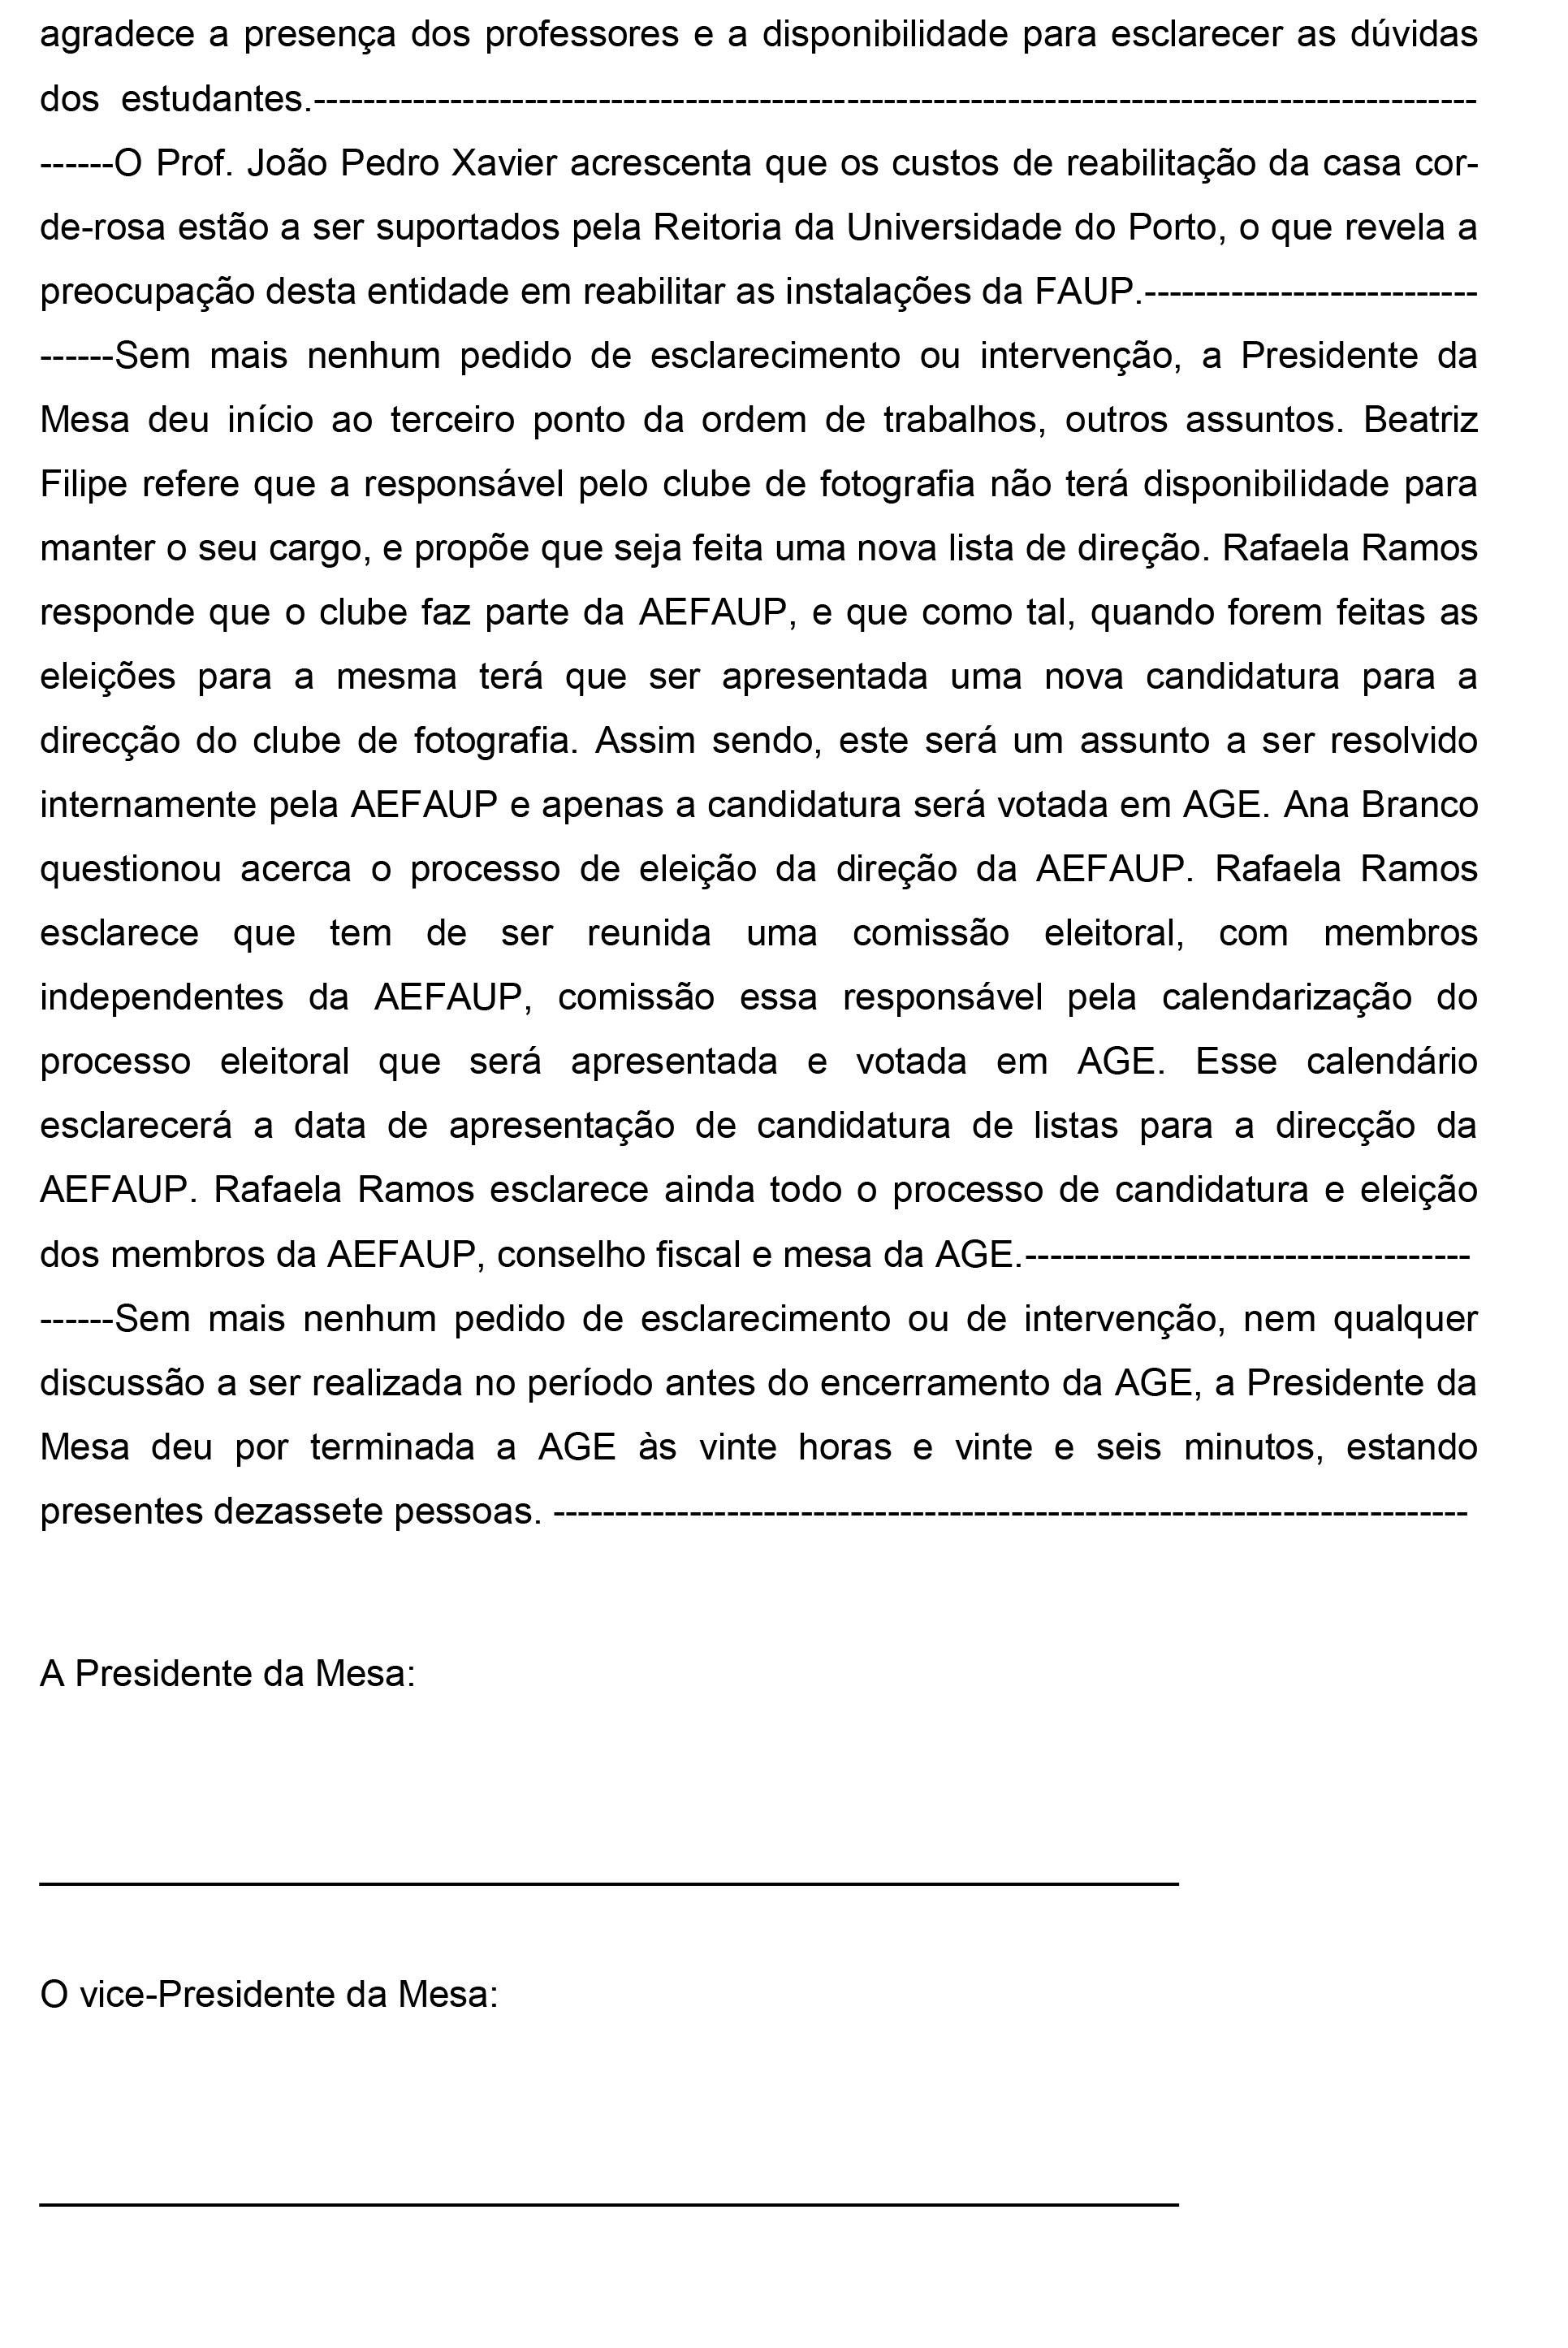 Acta 28 de Outrubro de 2014 -  Esclarecimento do estado das instalações-6.jpg